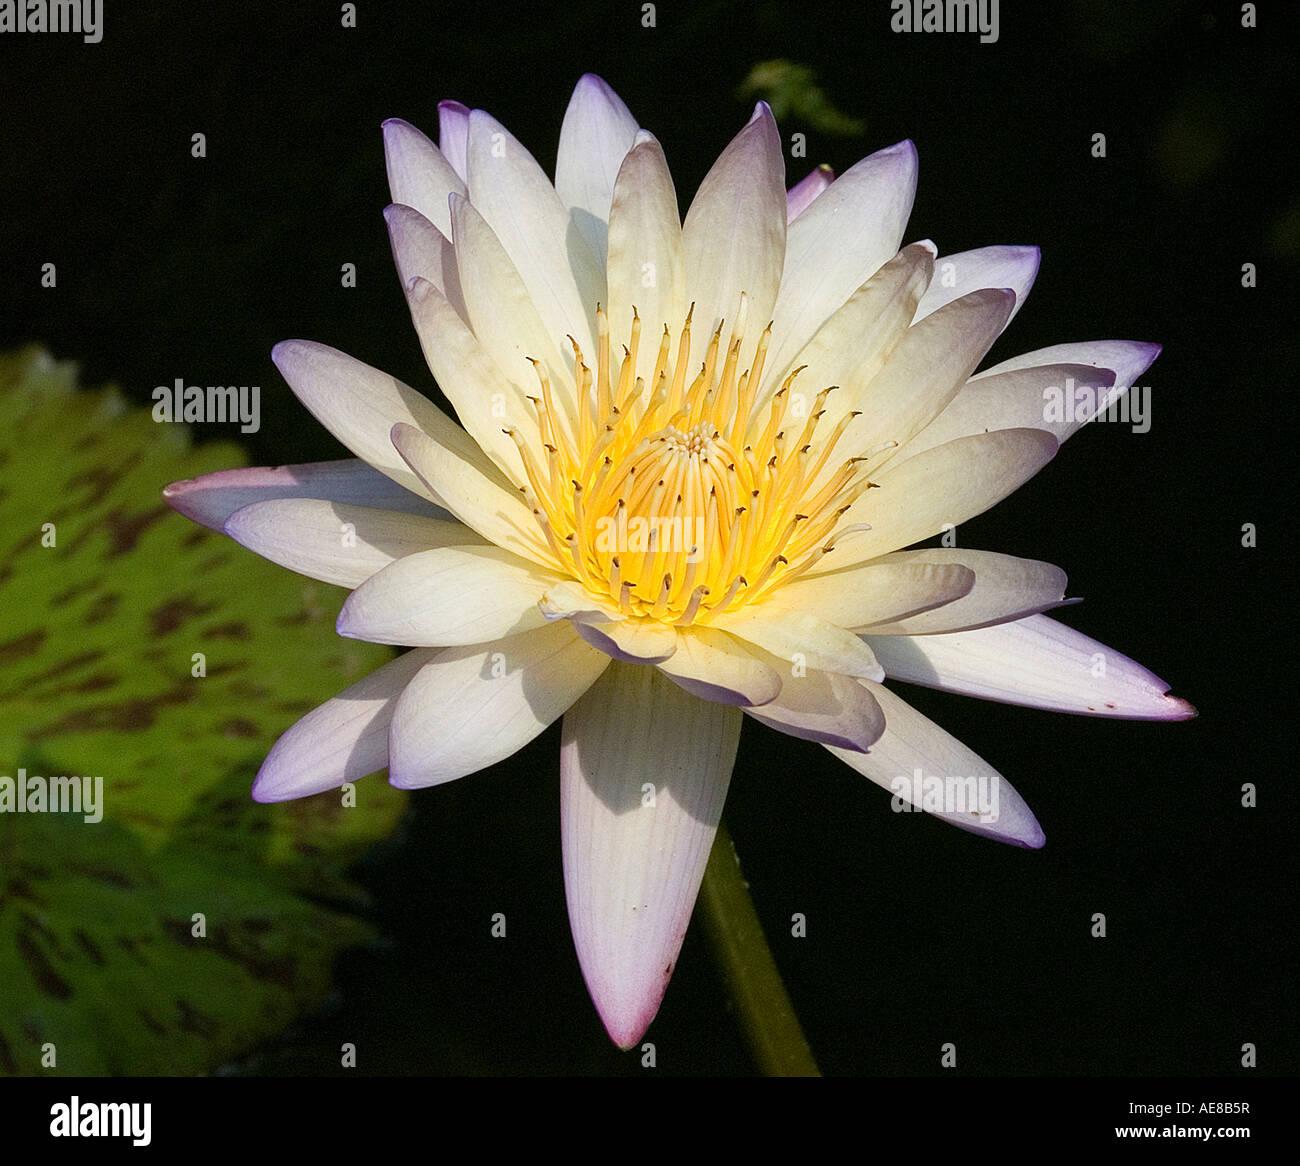 Egyptian Lotus Flower Stock Photos Egyptian Lotus Flower Stock